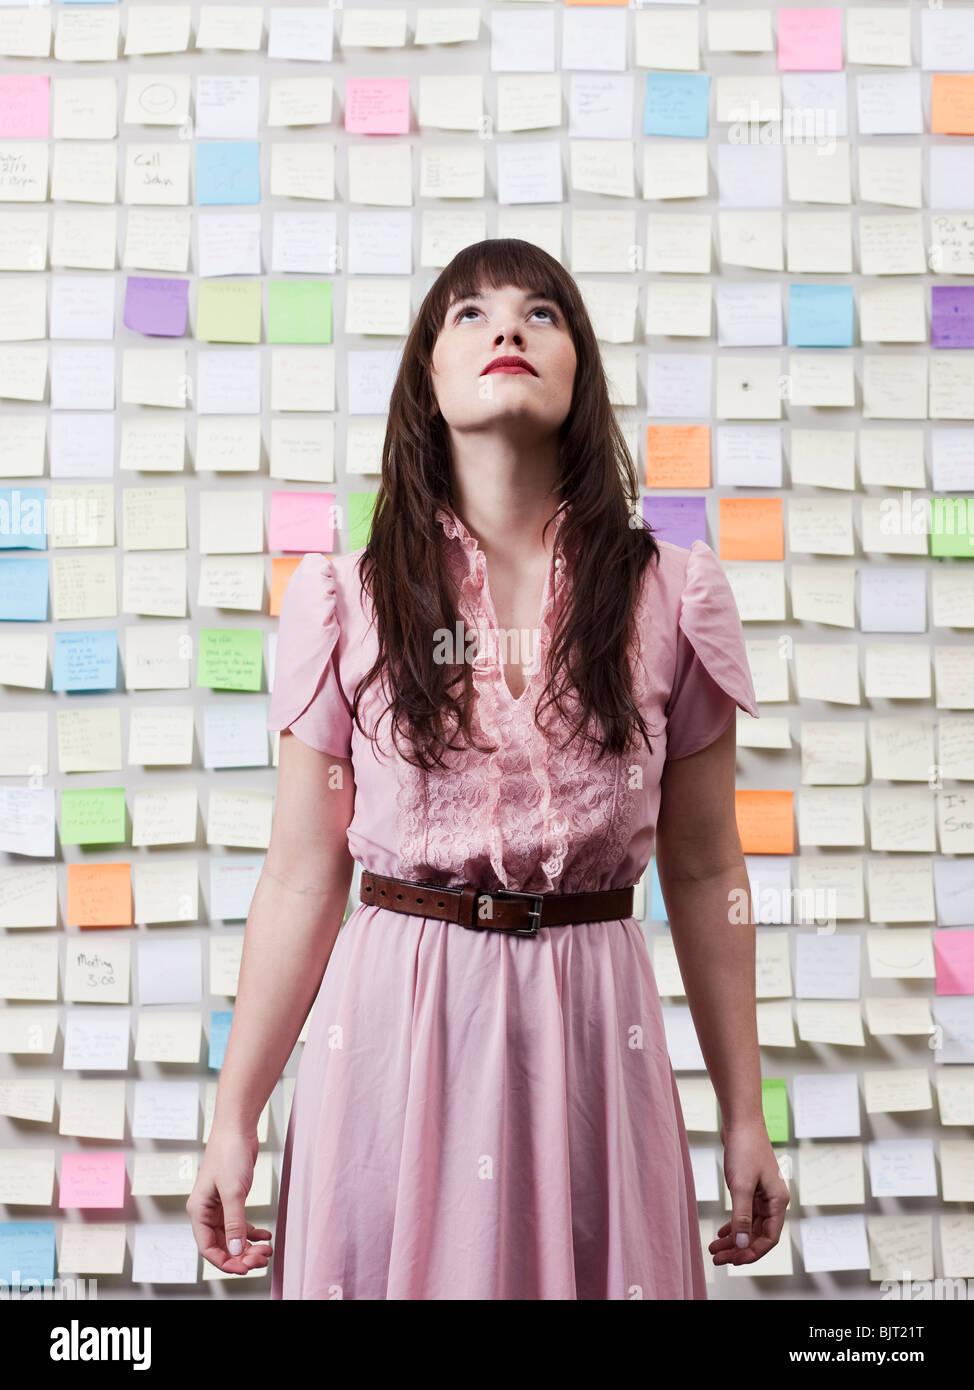 Portrait de femme dans la salle avec des murs couverts de notes adhésives Photo Stock